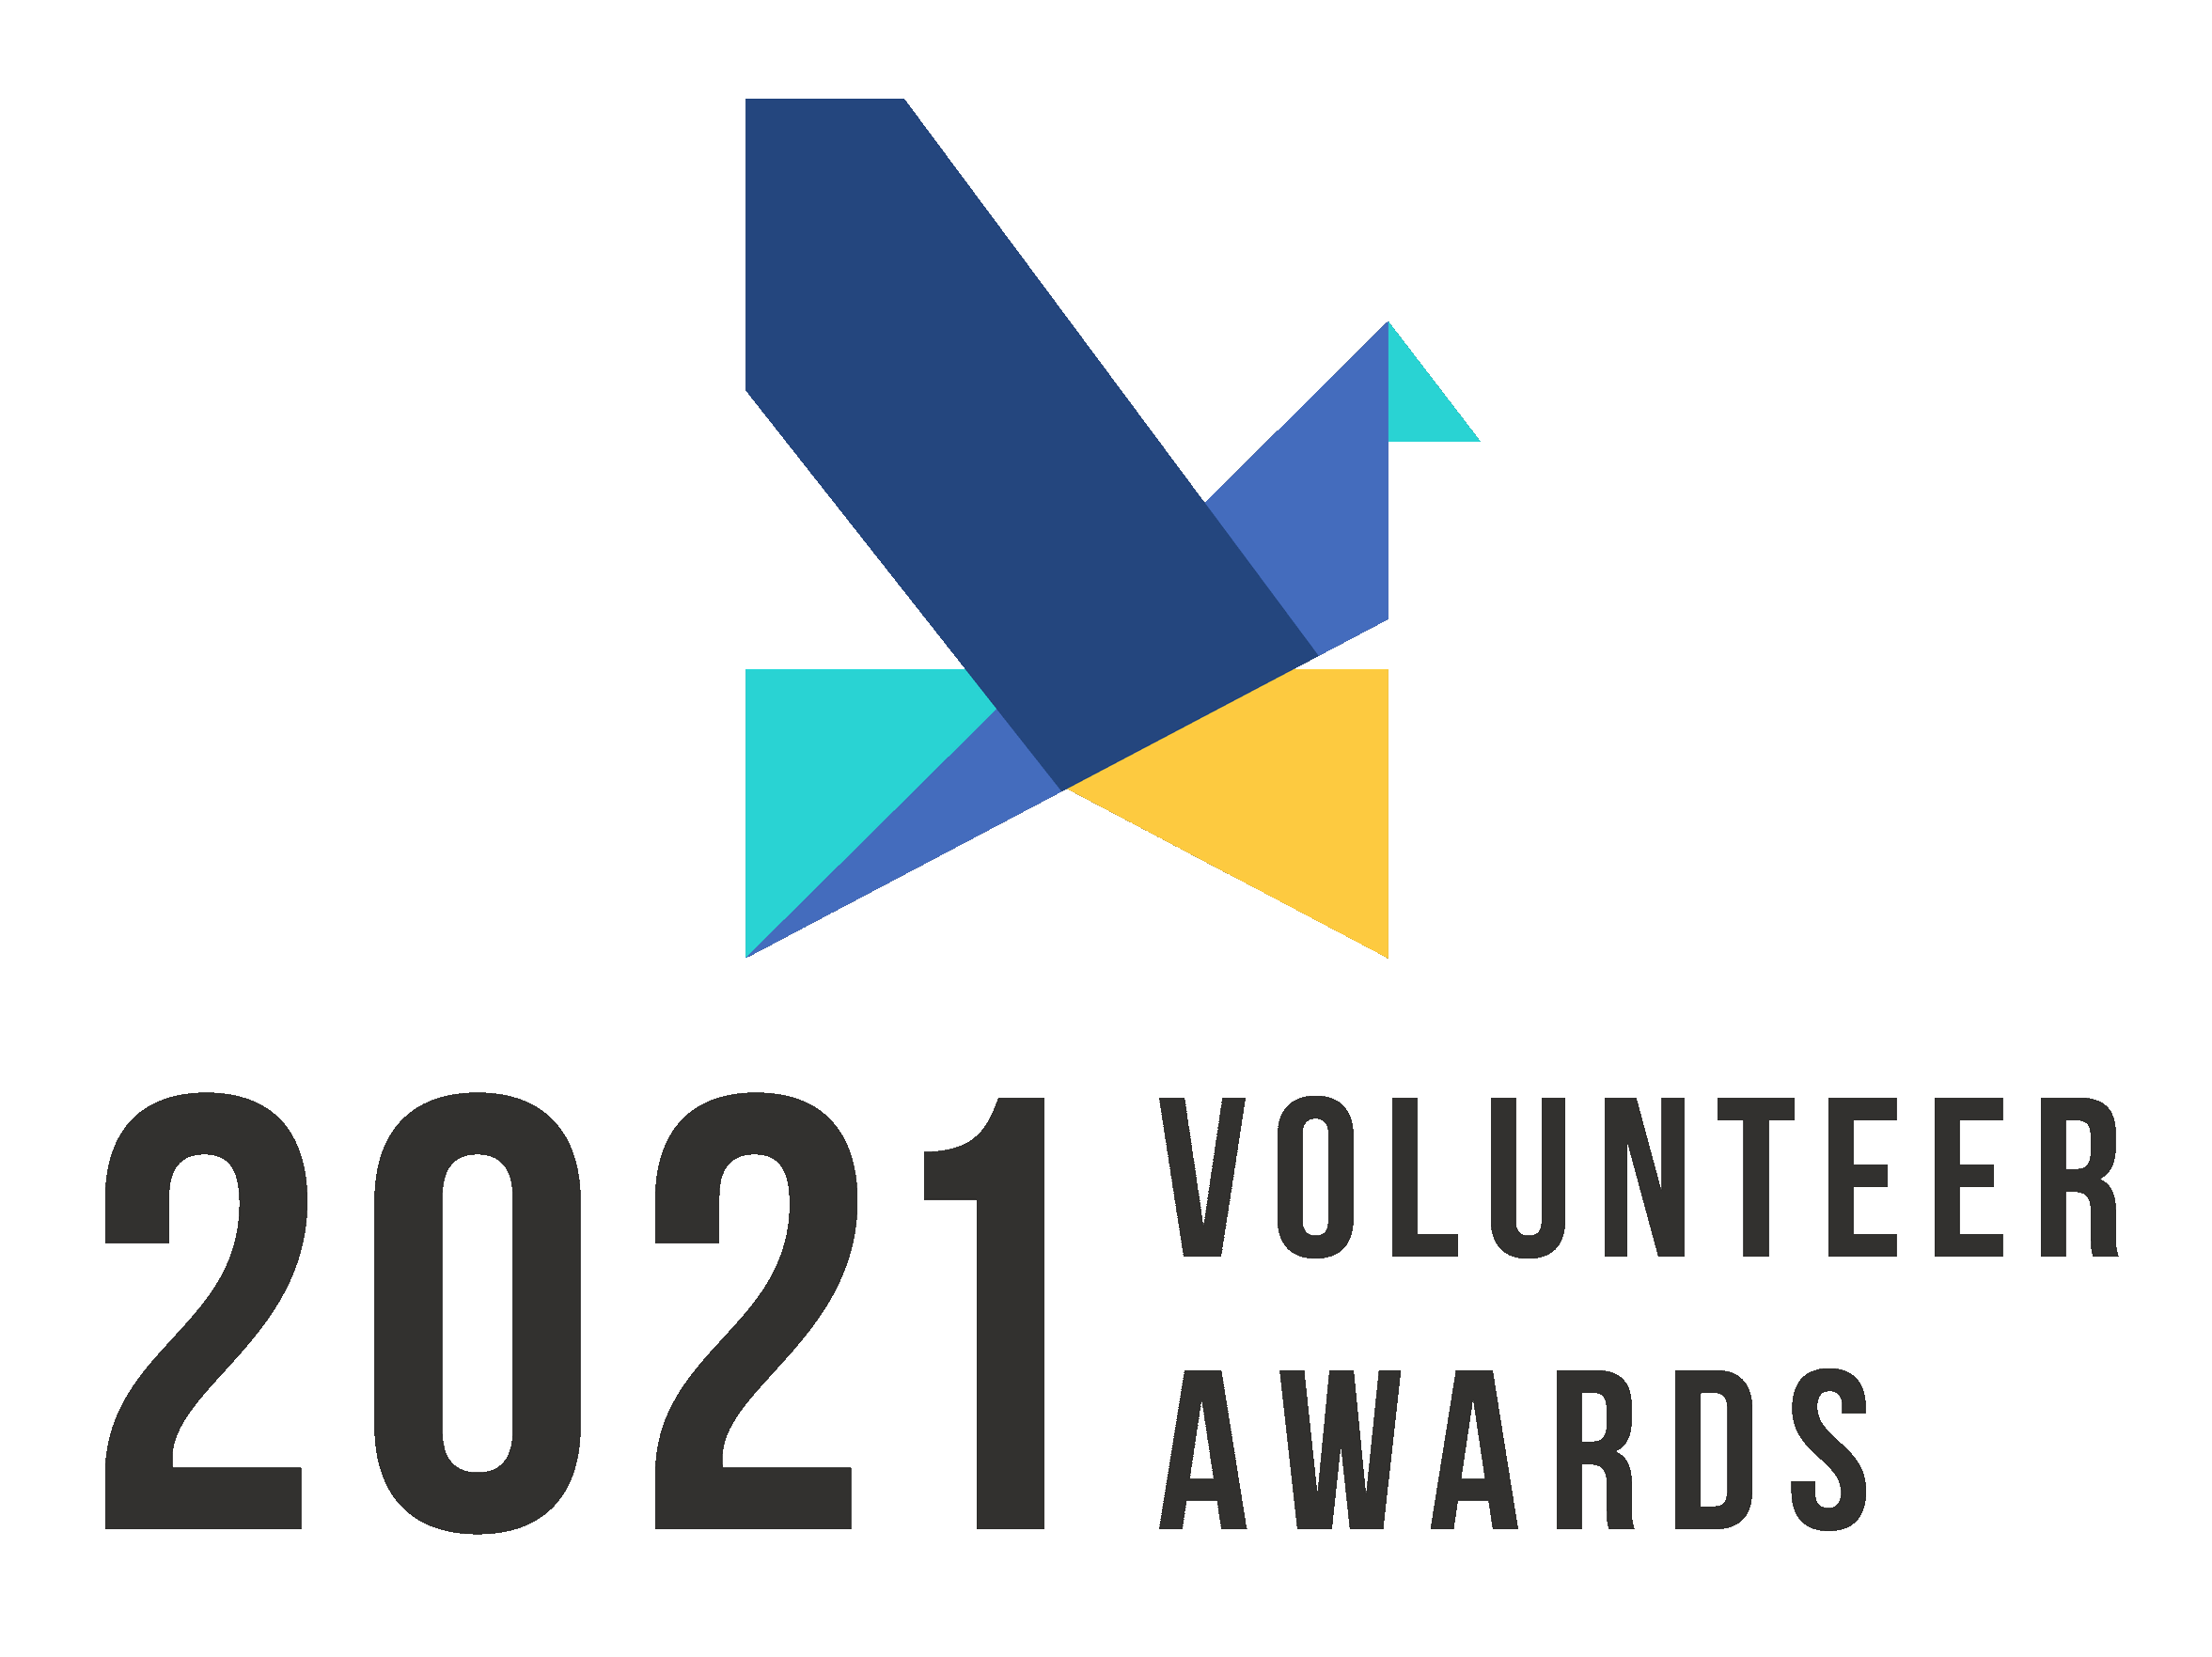 Volunteer Awards 2021 Logo